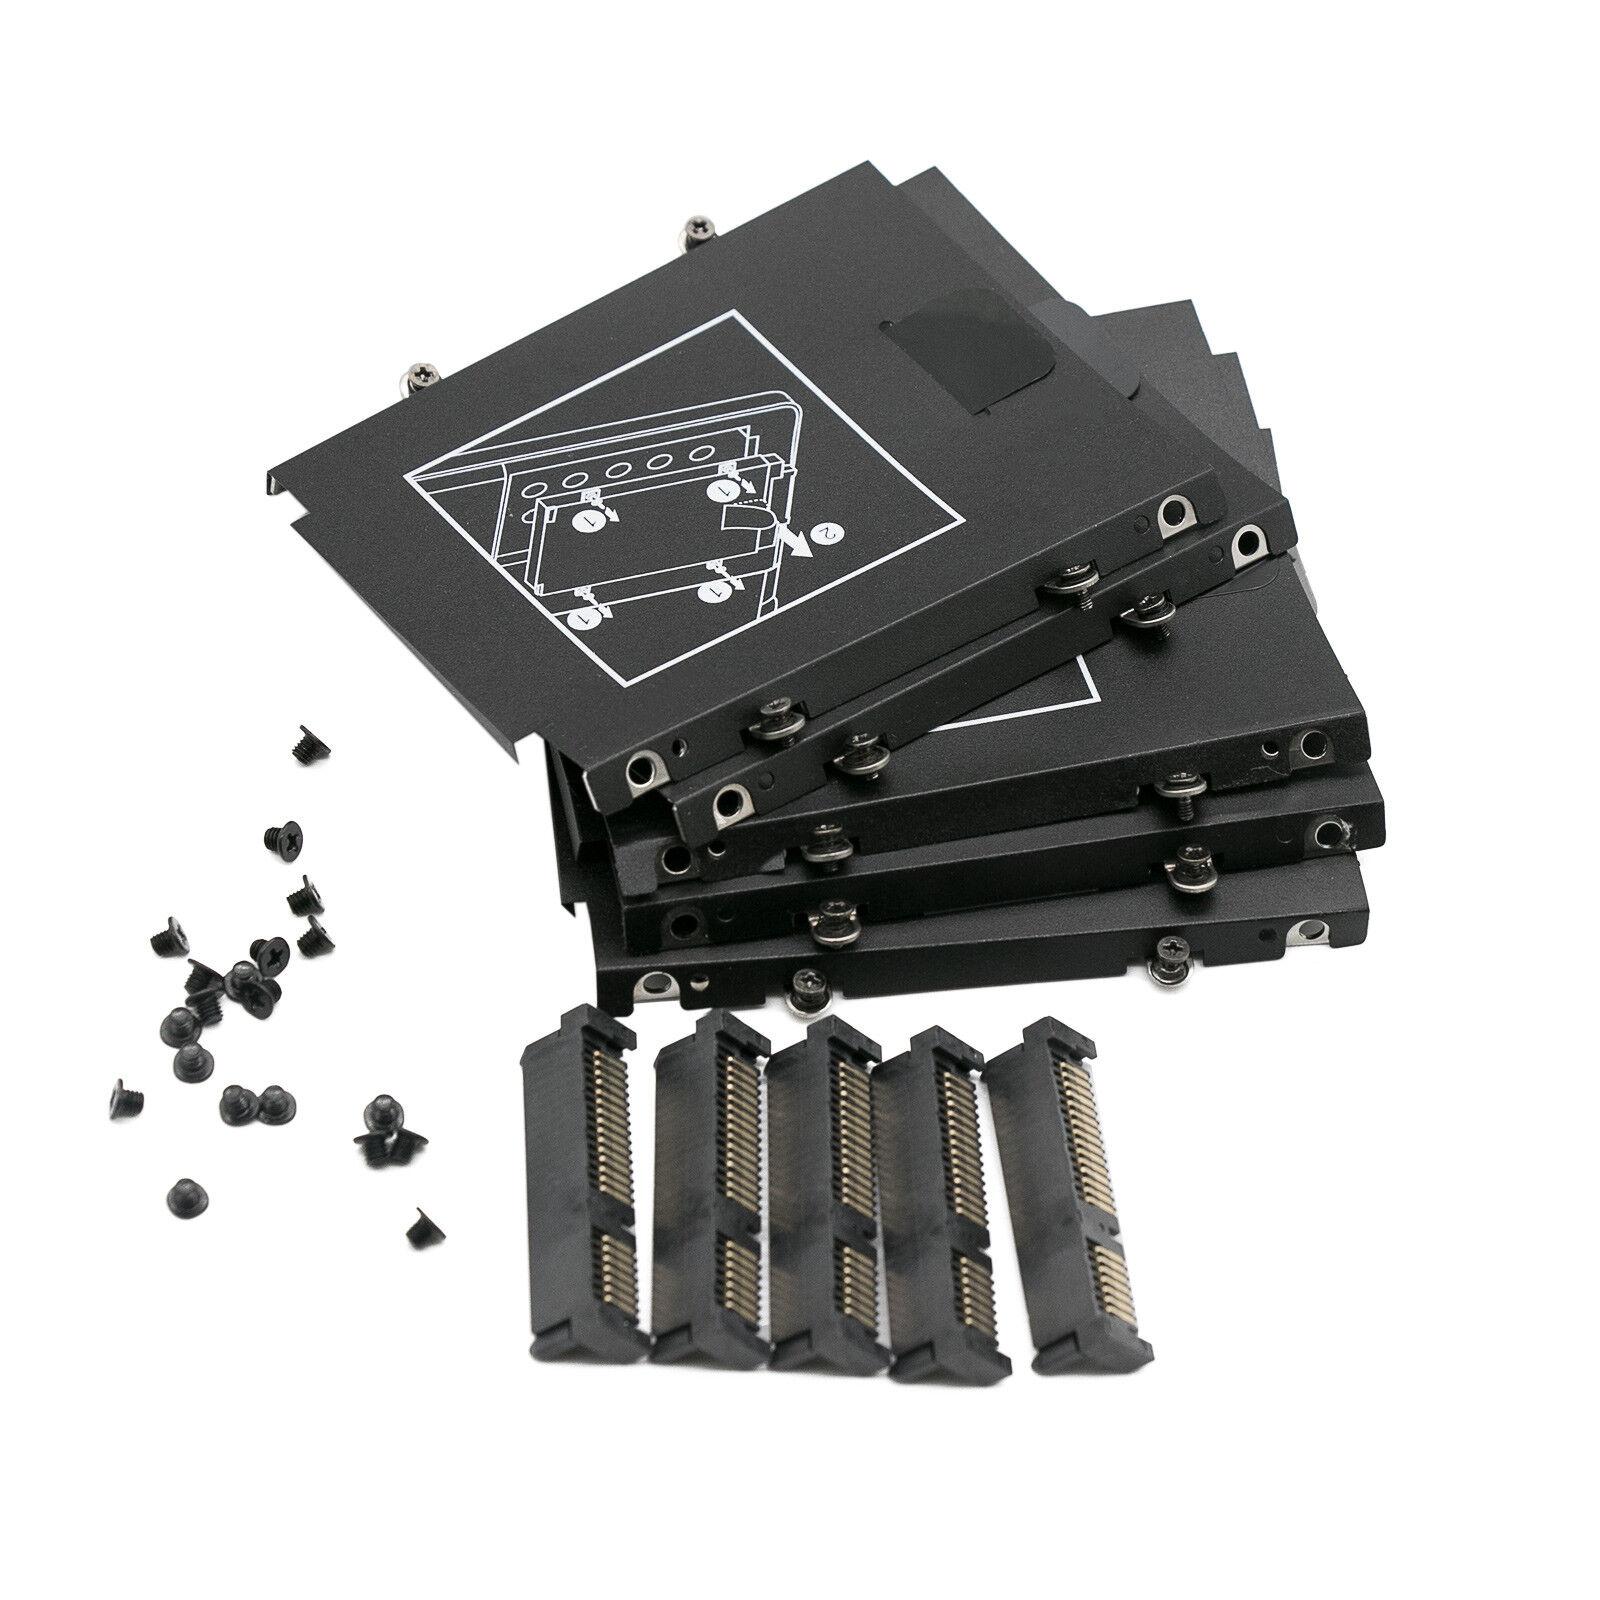 как выглядит Корпус, контейнер или запчасть для жесткого диска 5PCS Generic HP EliteBook Folio 9470M 9480M 9460 SATA Hard Drive Caddy Connector фото